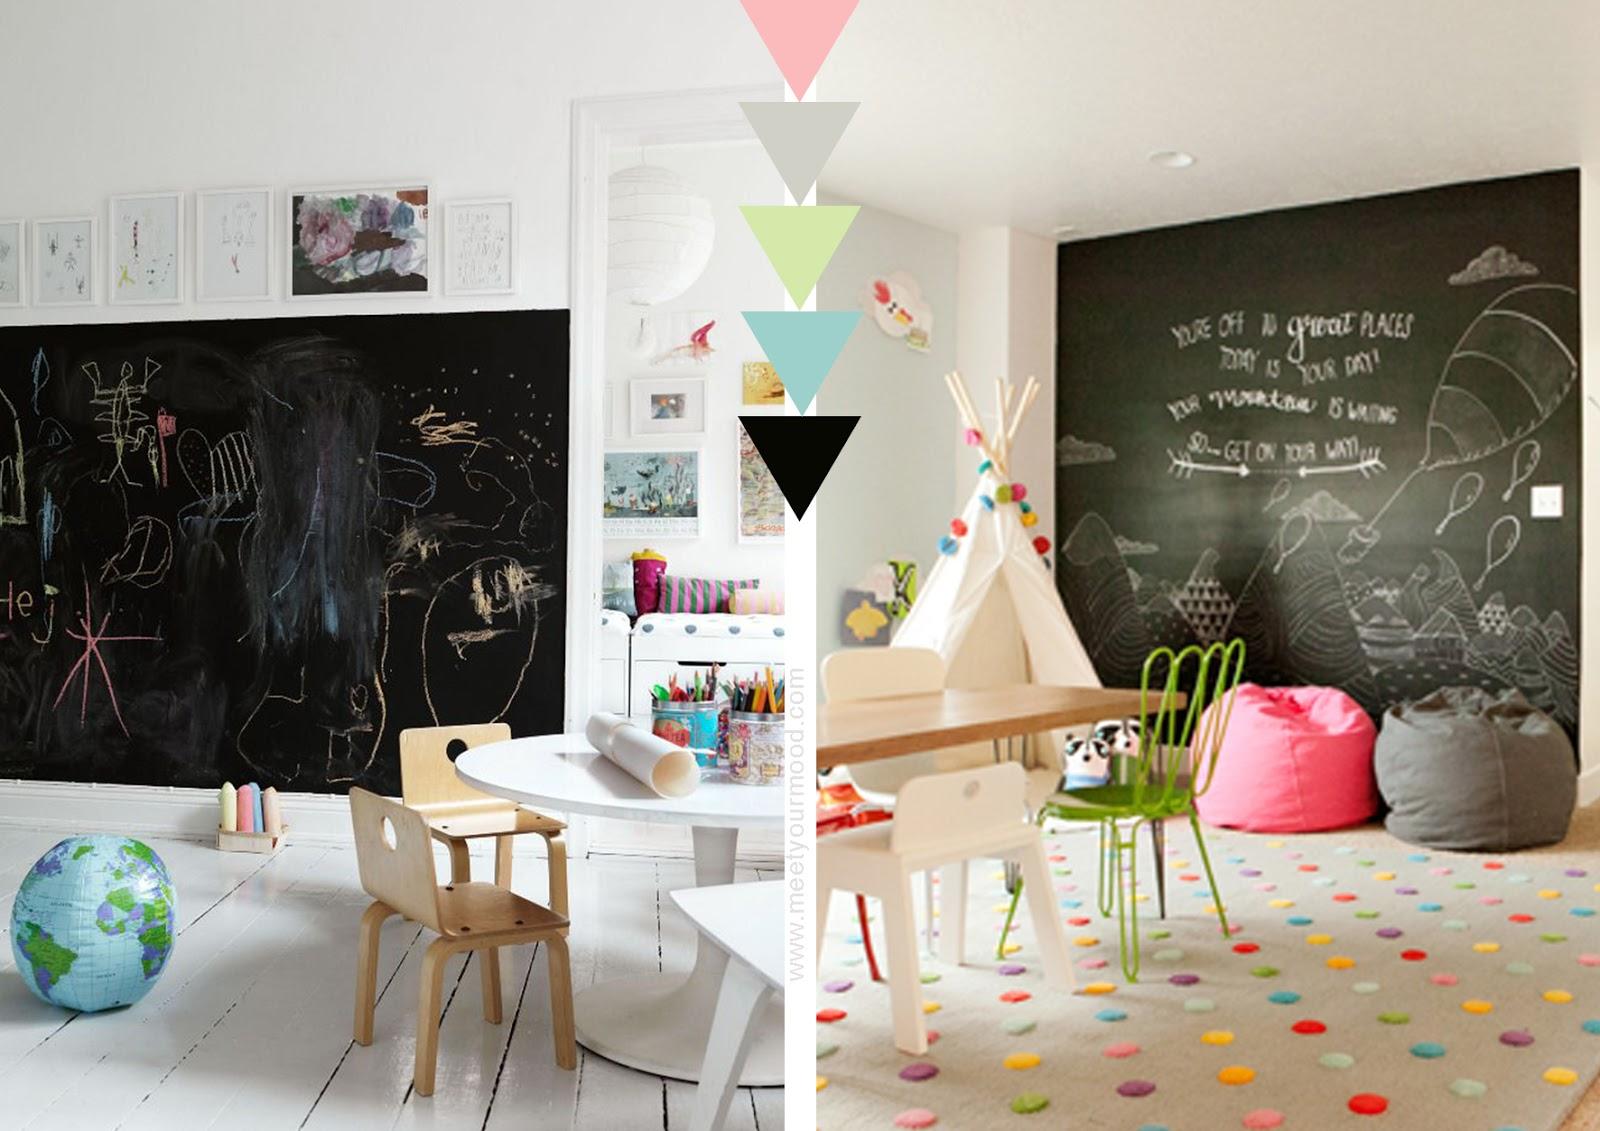 Pareti Lavagna Per Bambini : Back to school mood la mia parete è una lavagna meetyourmood